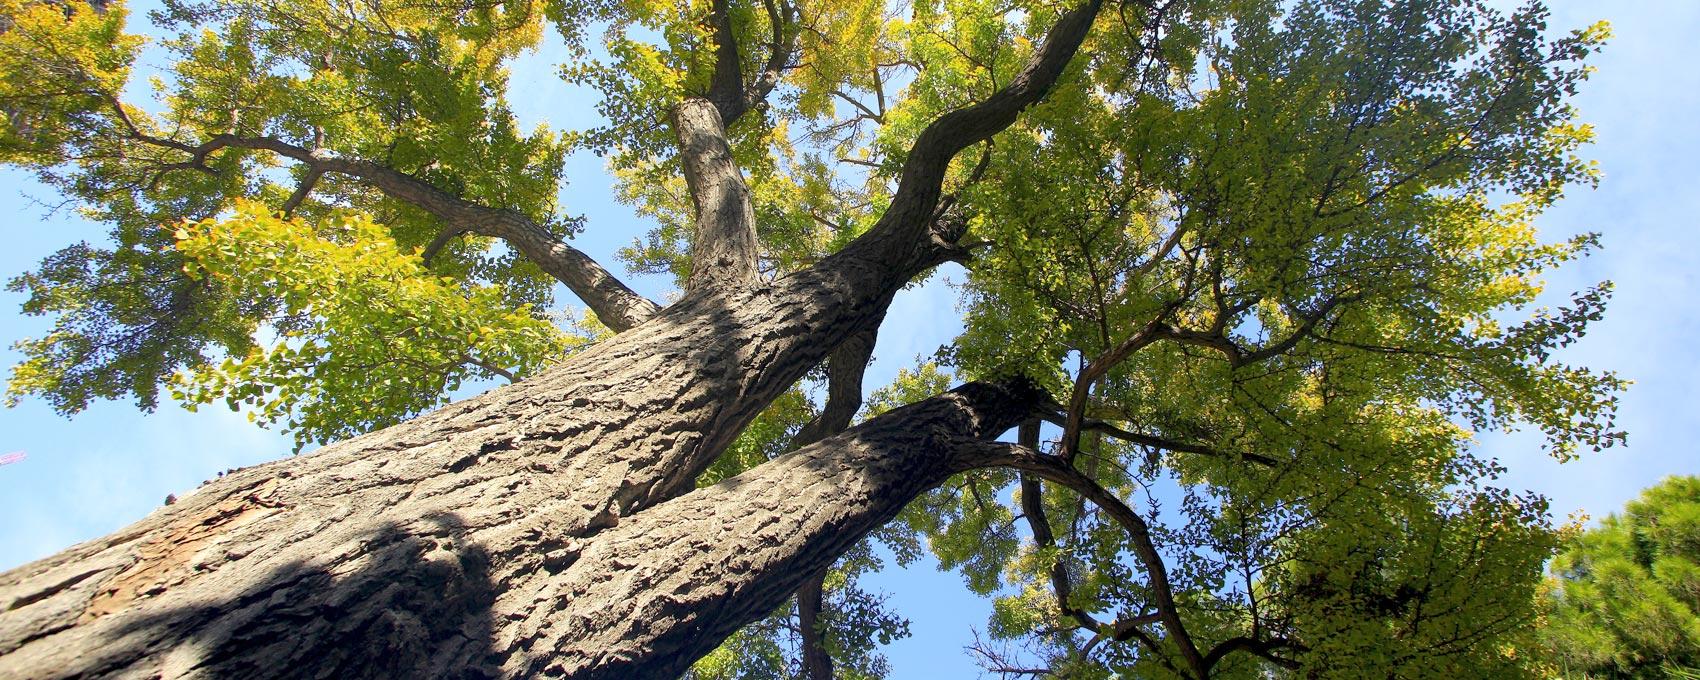 Conocido como el árbol de los cuarenta escudos, es un árbol único en el mundo. Puede llegar a alcanzar 35 metros de altura.